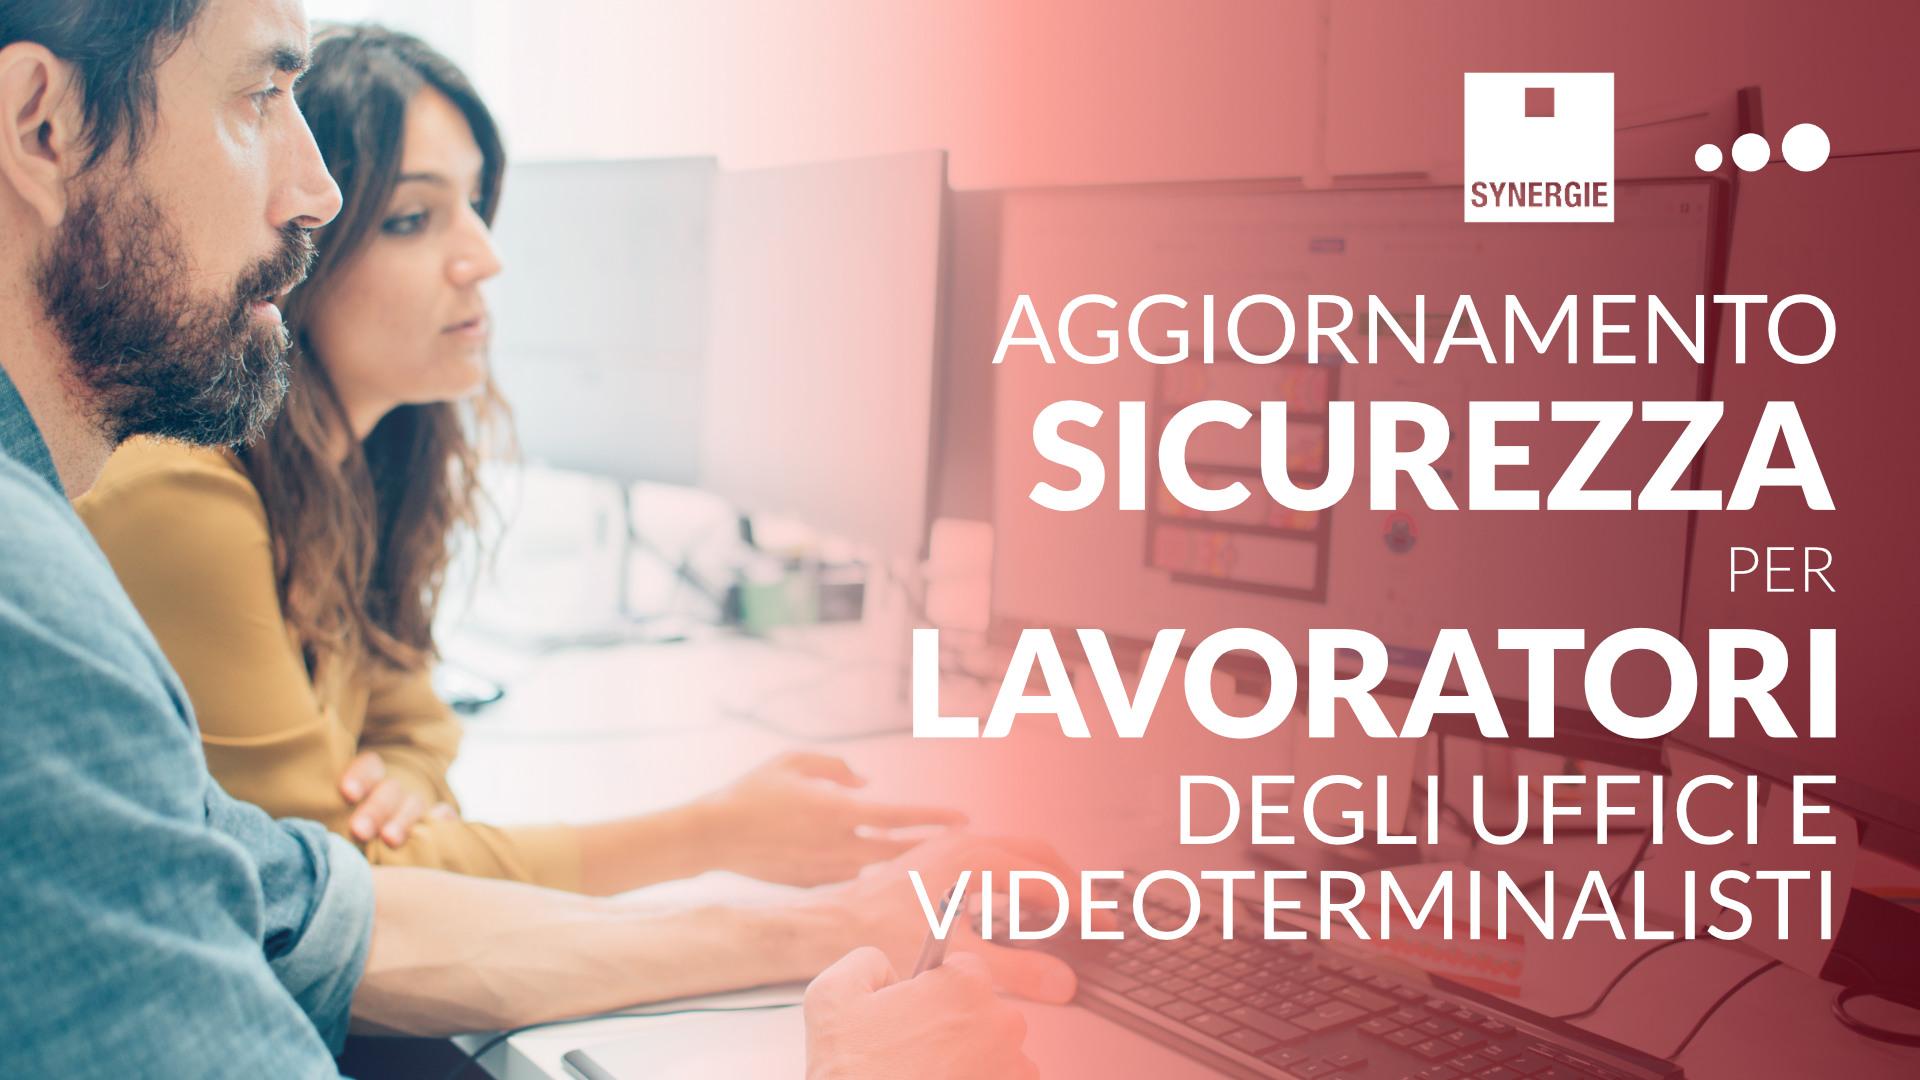 Synergie -Aggiornamento per lavoratori degli uffici e videoterminalisti